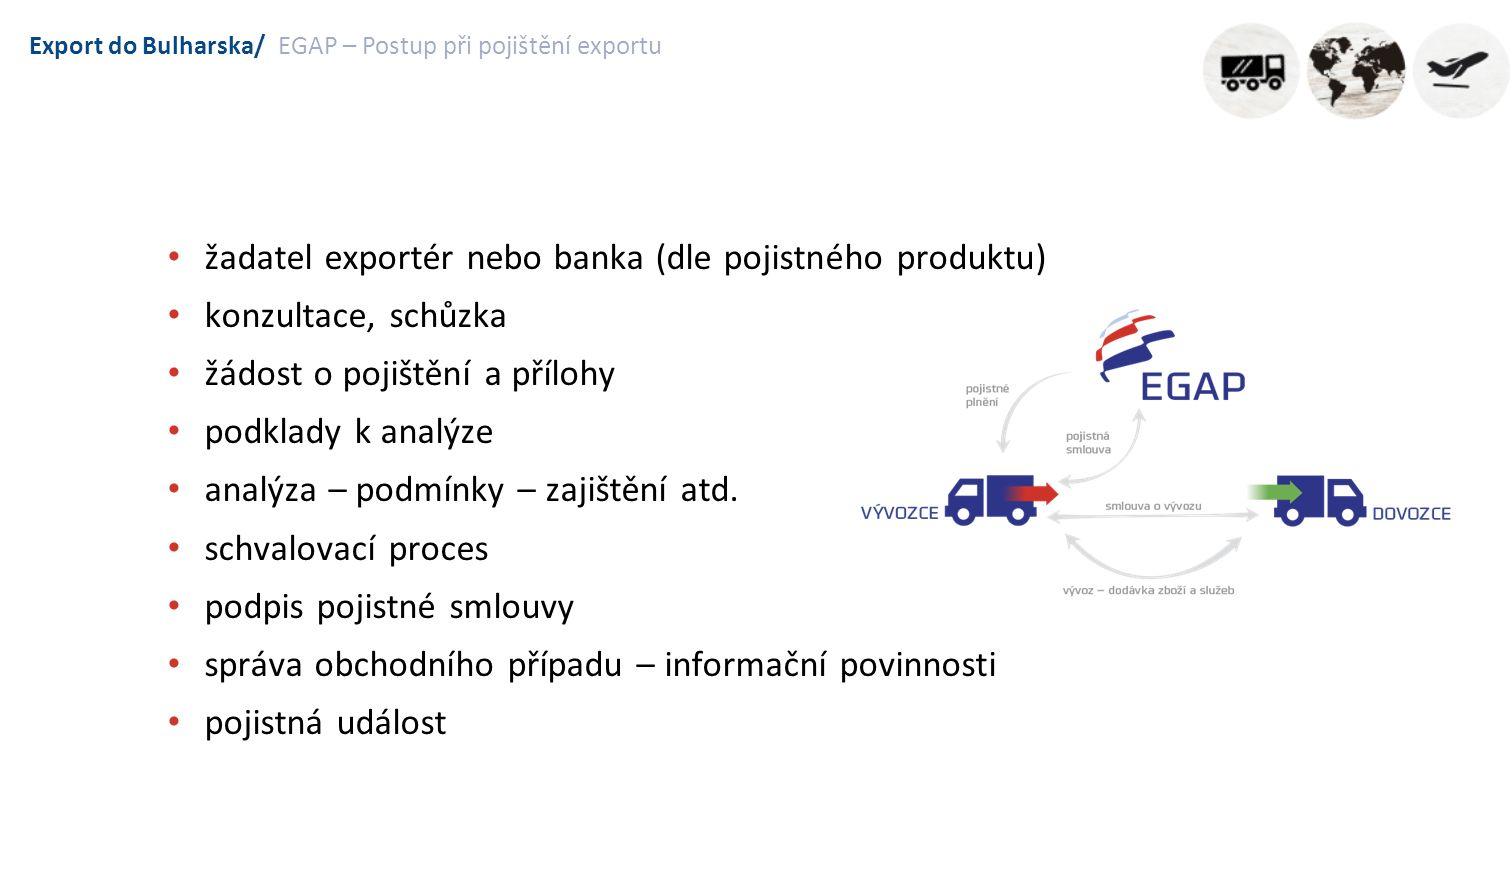 Export do Bulharska/EGAP – Postup při pojištění exportu žadatel exportér nebo banka (dle pojistného produktu) konzultace, schůzka žádost o pojištění a přílohy podklady k analýze analýza – podmínky – zajištění atd.